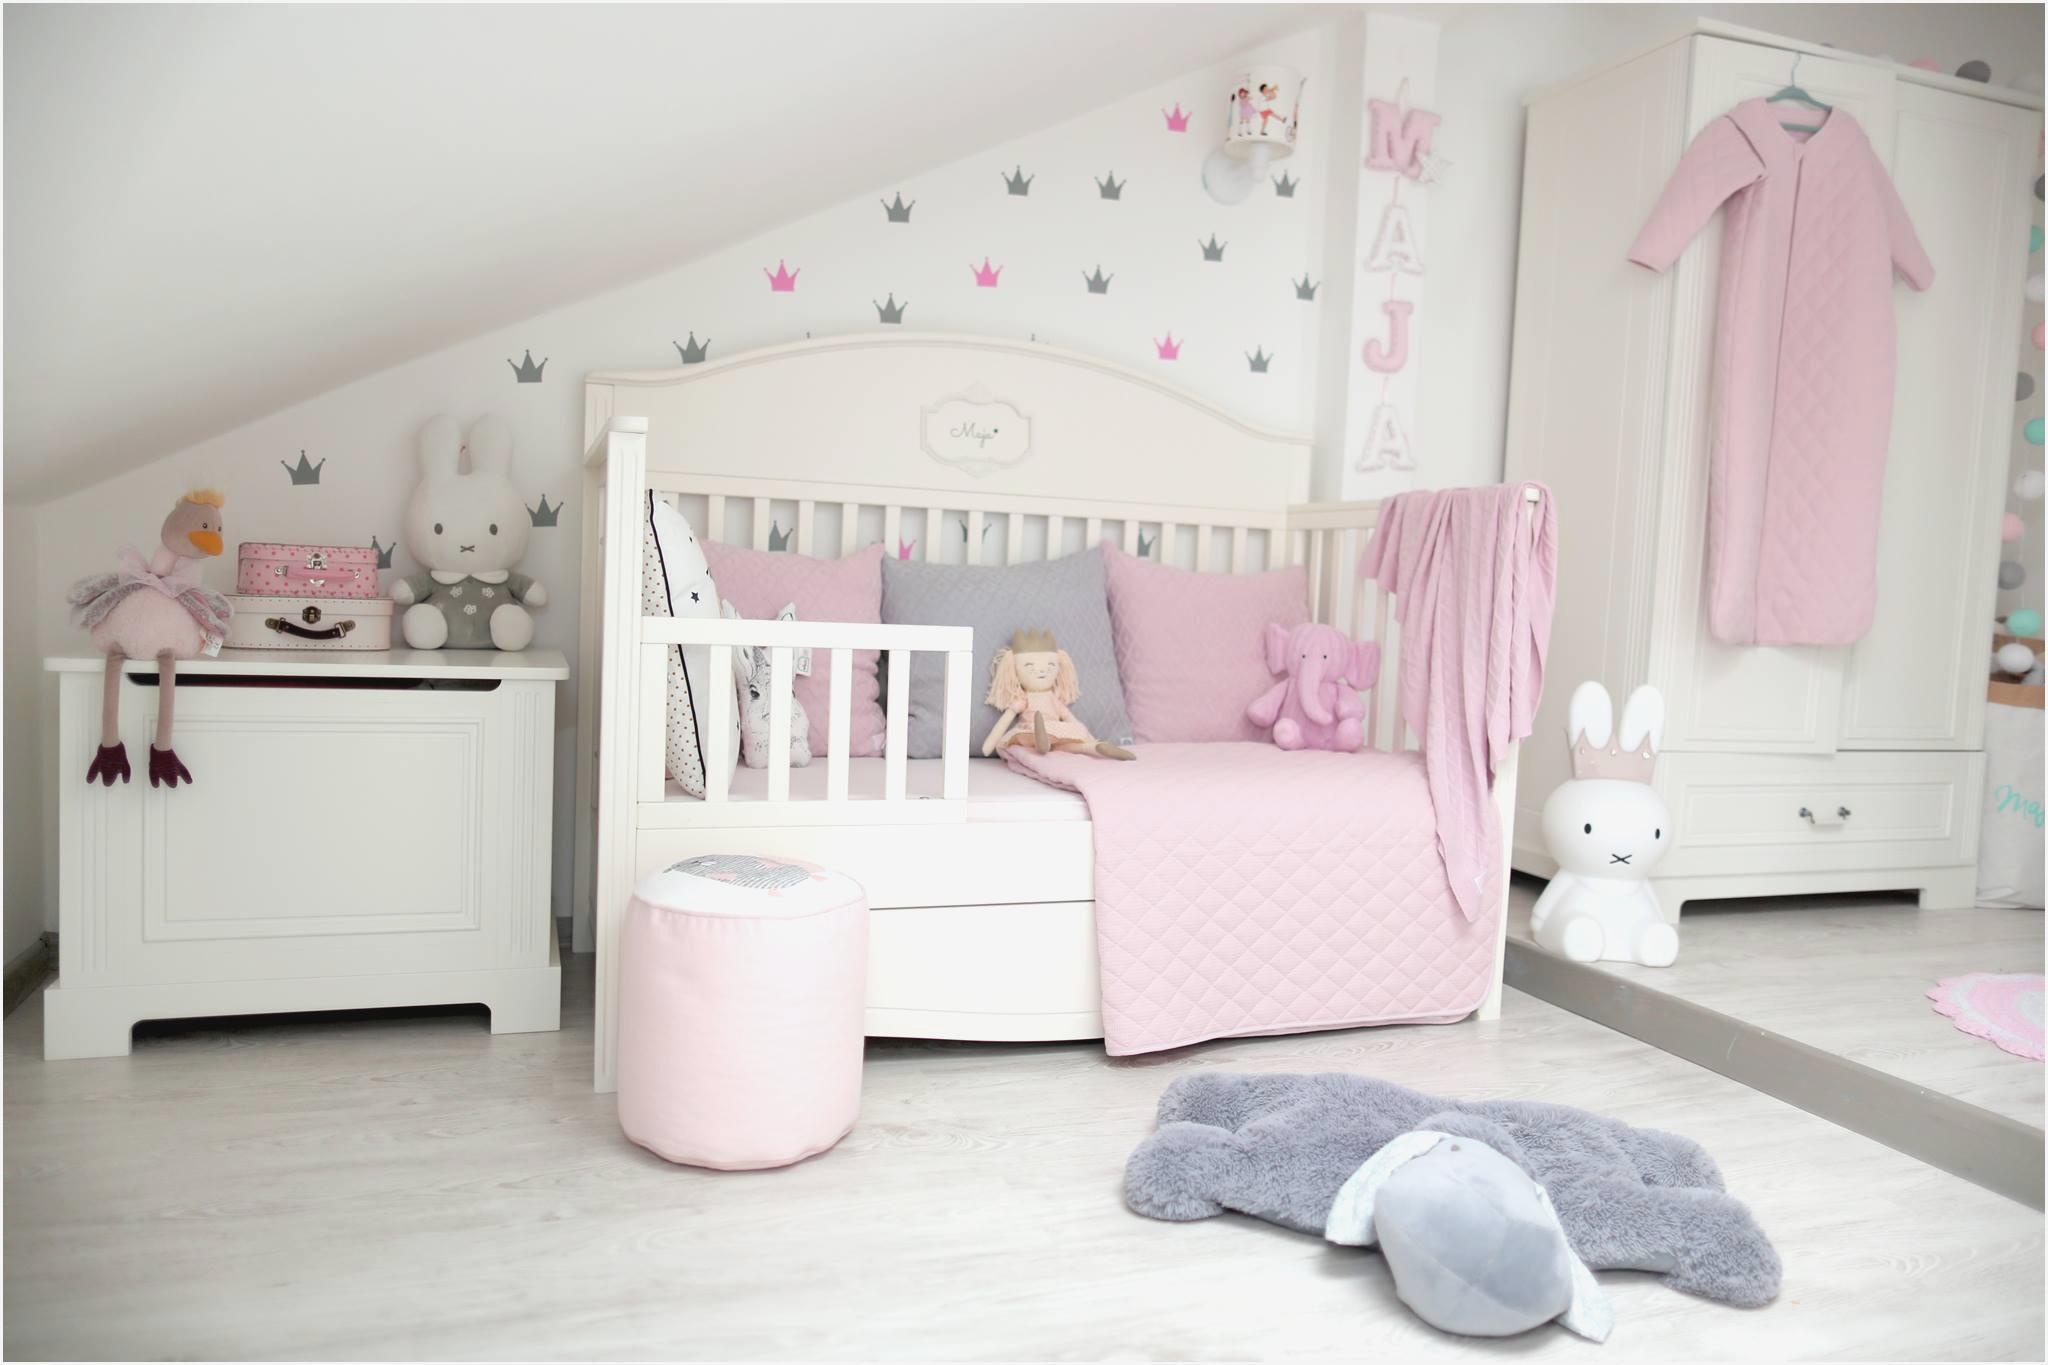 Full Size of Kinderzimmer Prinzessin Mdchen Kate Traumhaus Regal Sofa Weiß Bett Regale Prinzessinen Kinderzimmer Kinderzimmer Prinzessin